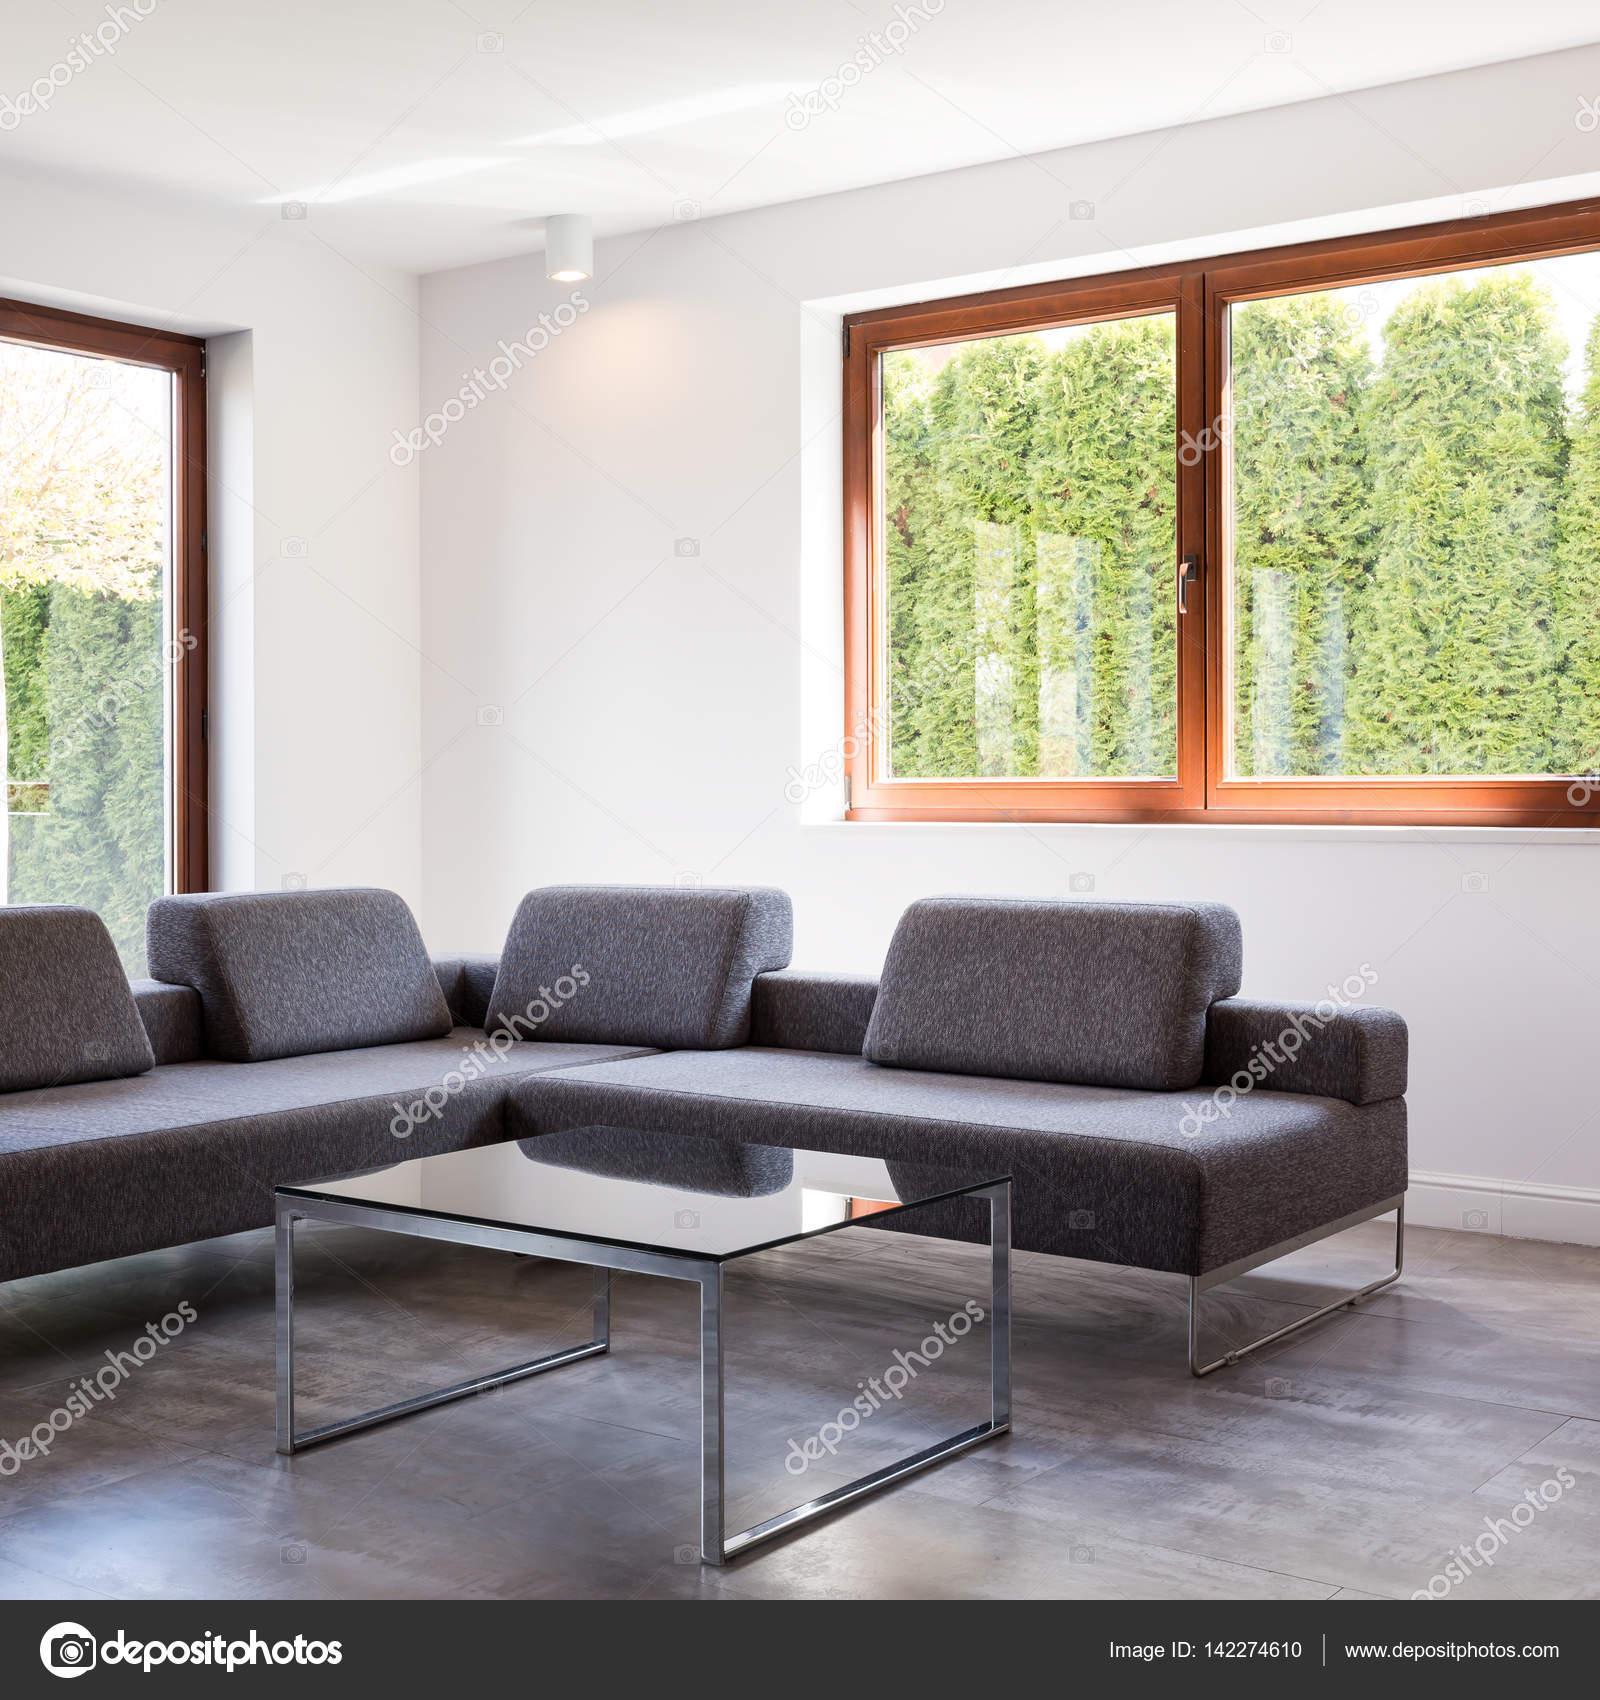 woonkamer met grijze bank — Stockfoto © photographee.eu #142274610